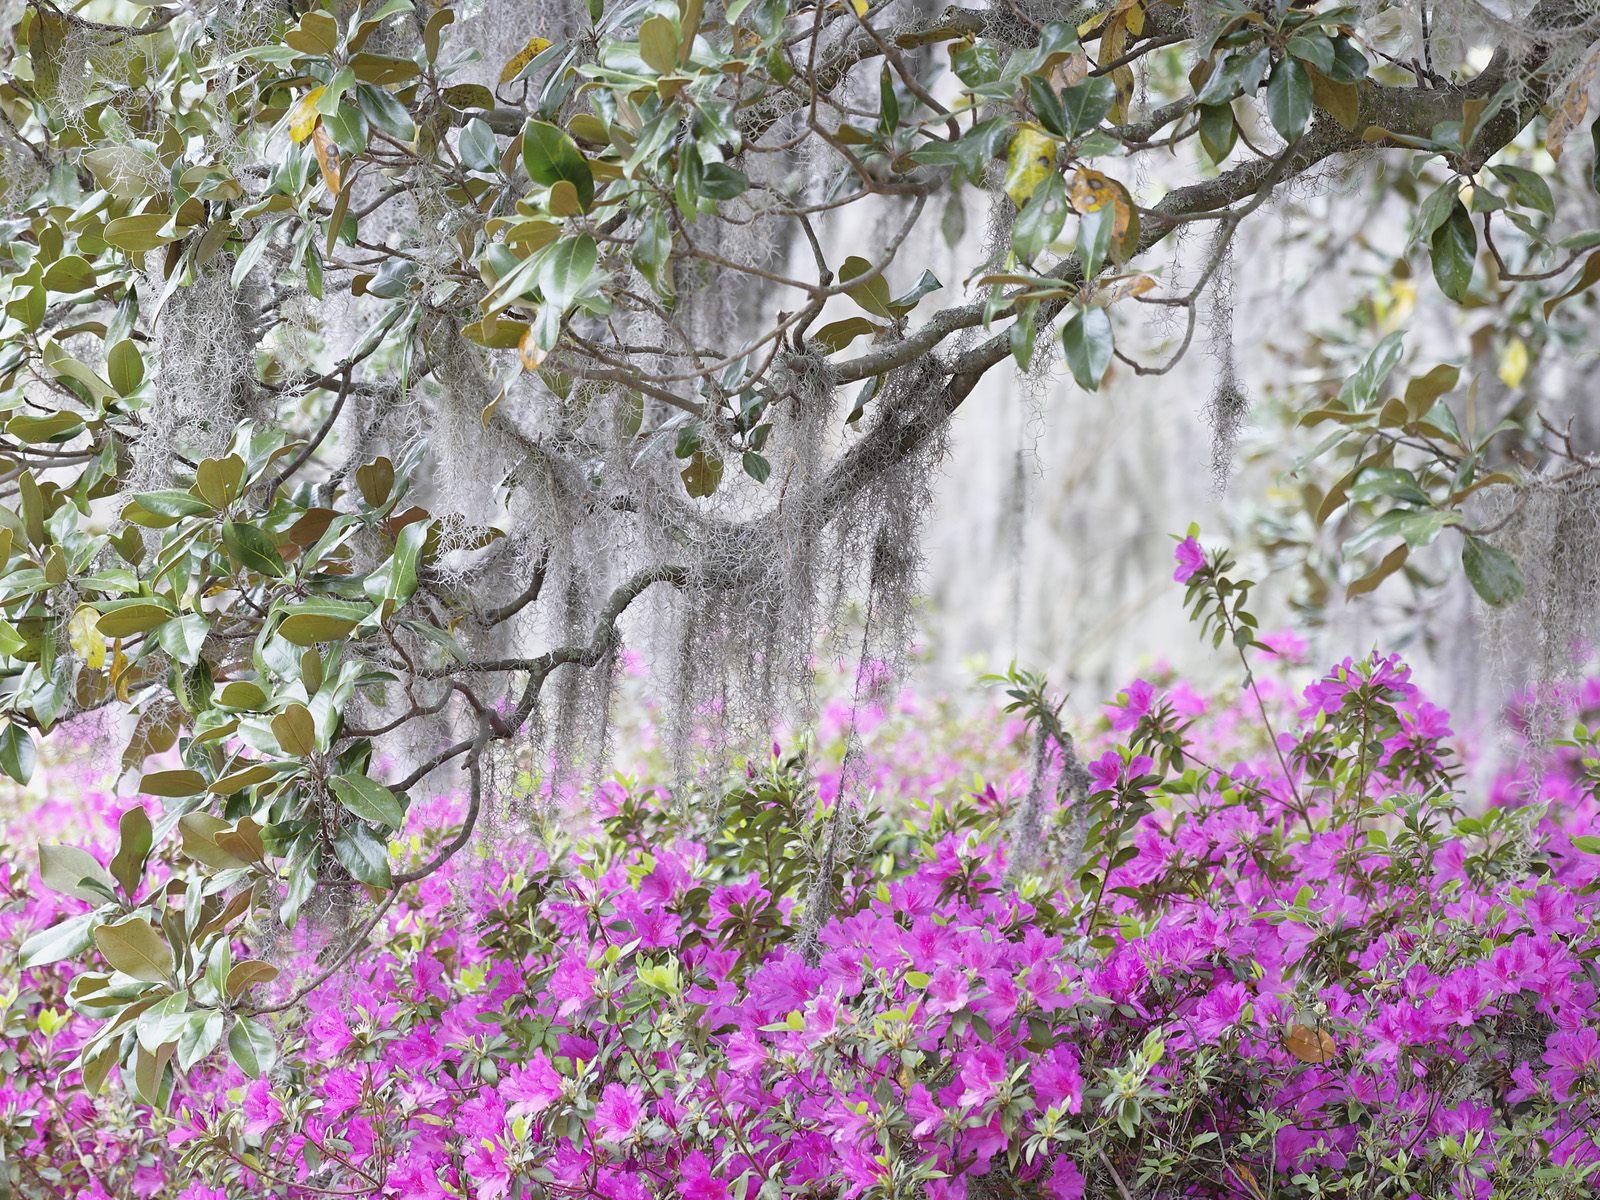 صور ورود جميلة اجمل صور الورد والازهار بجودة HD (43)